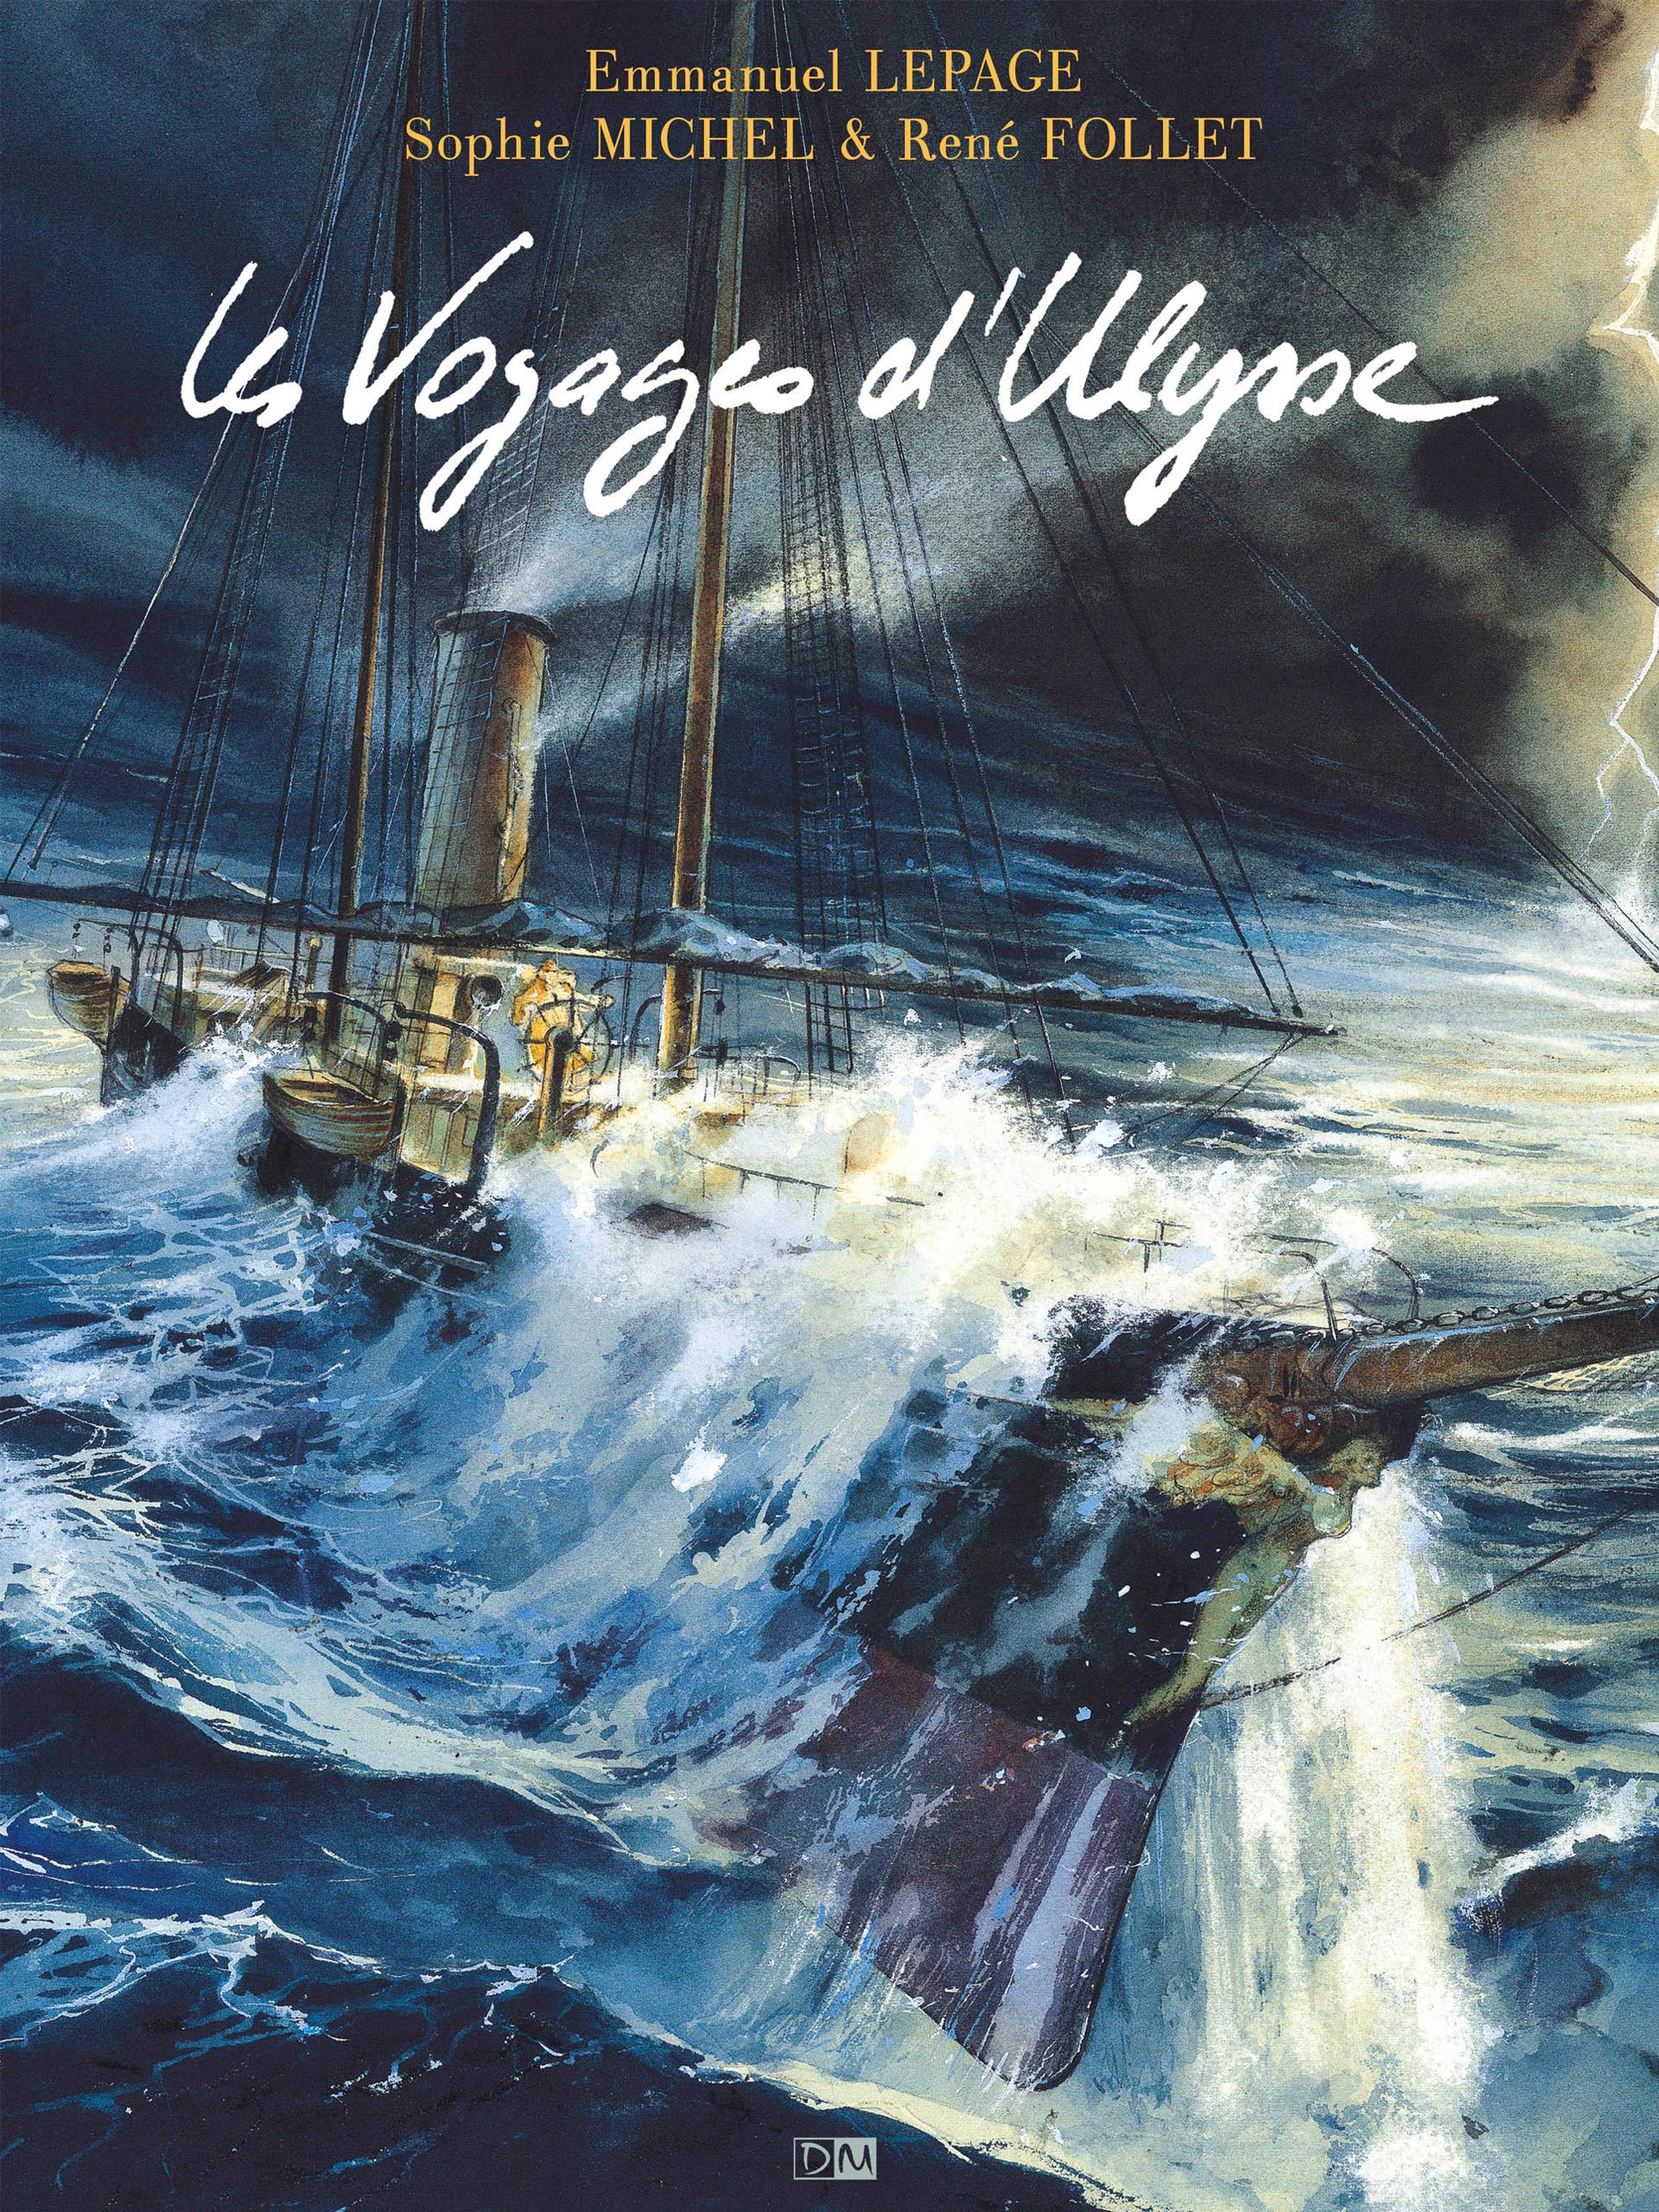 Les Voyages d'Ulysse - Sophie Michel - Emmanuel Lepage - Couverture